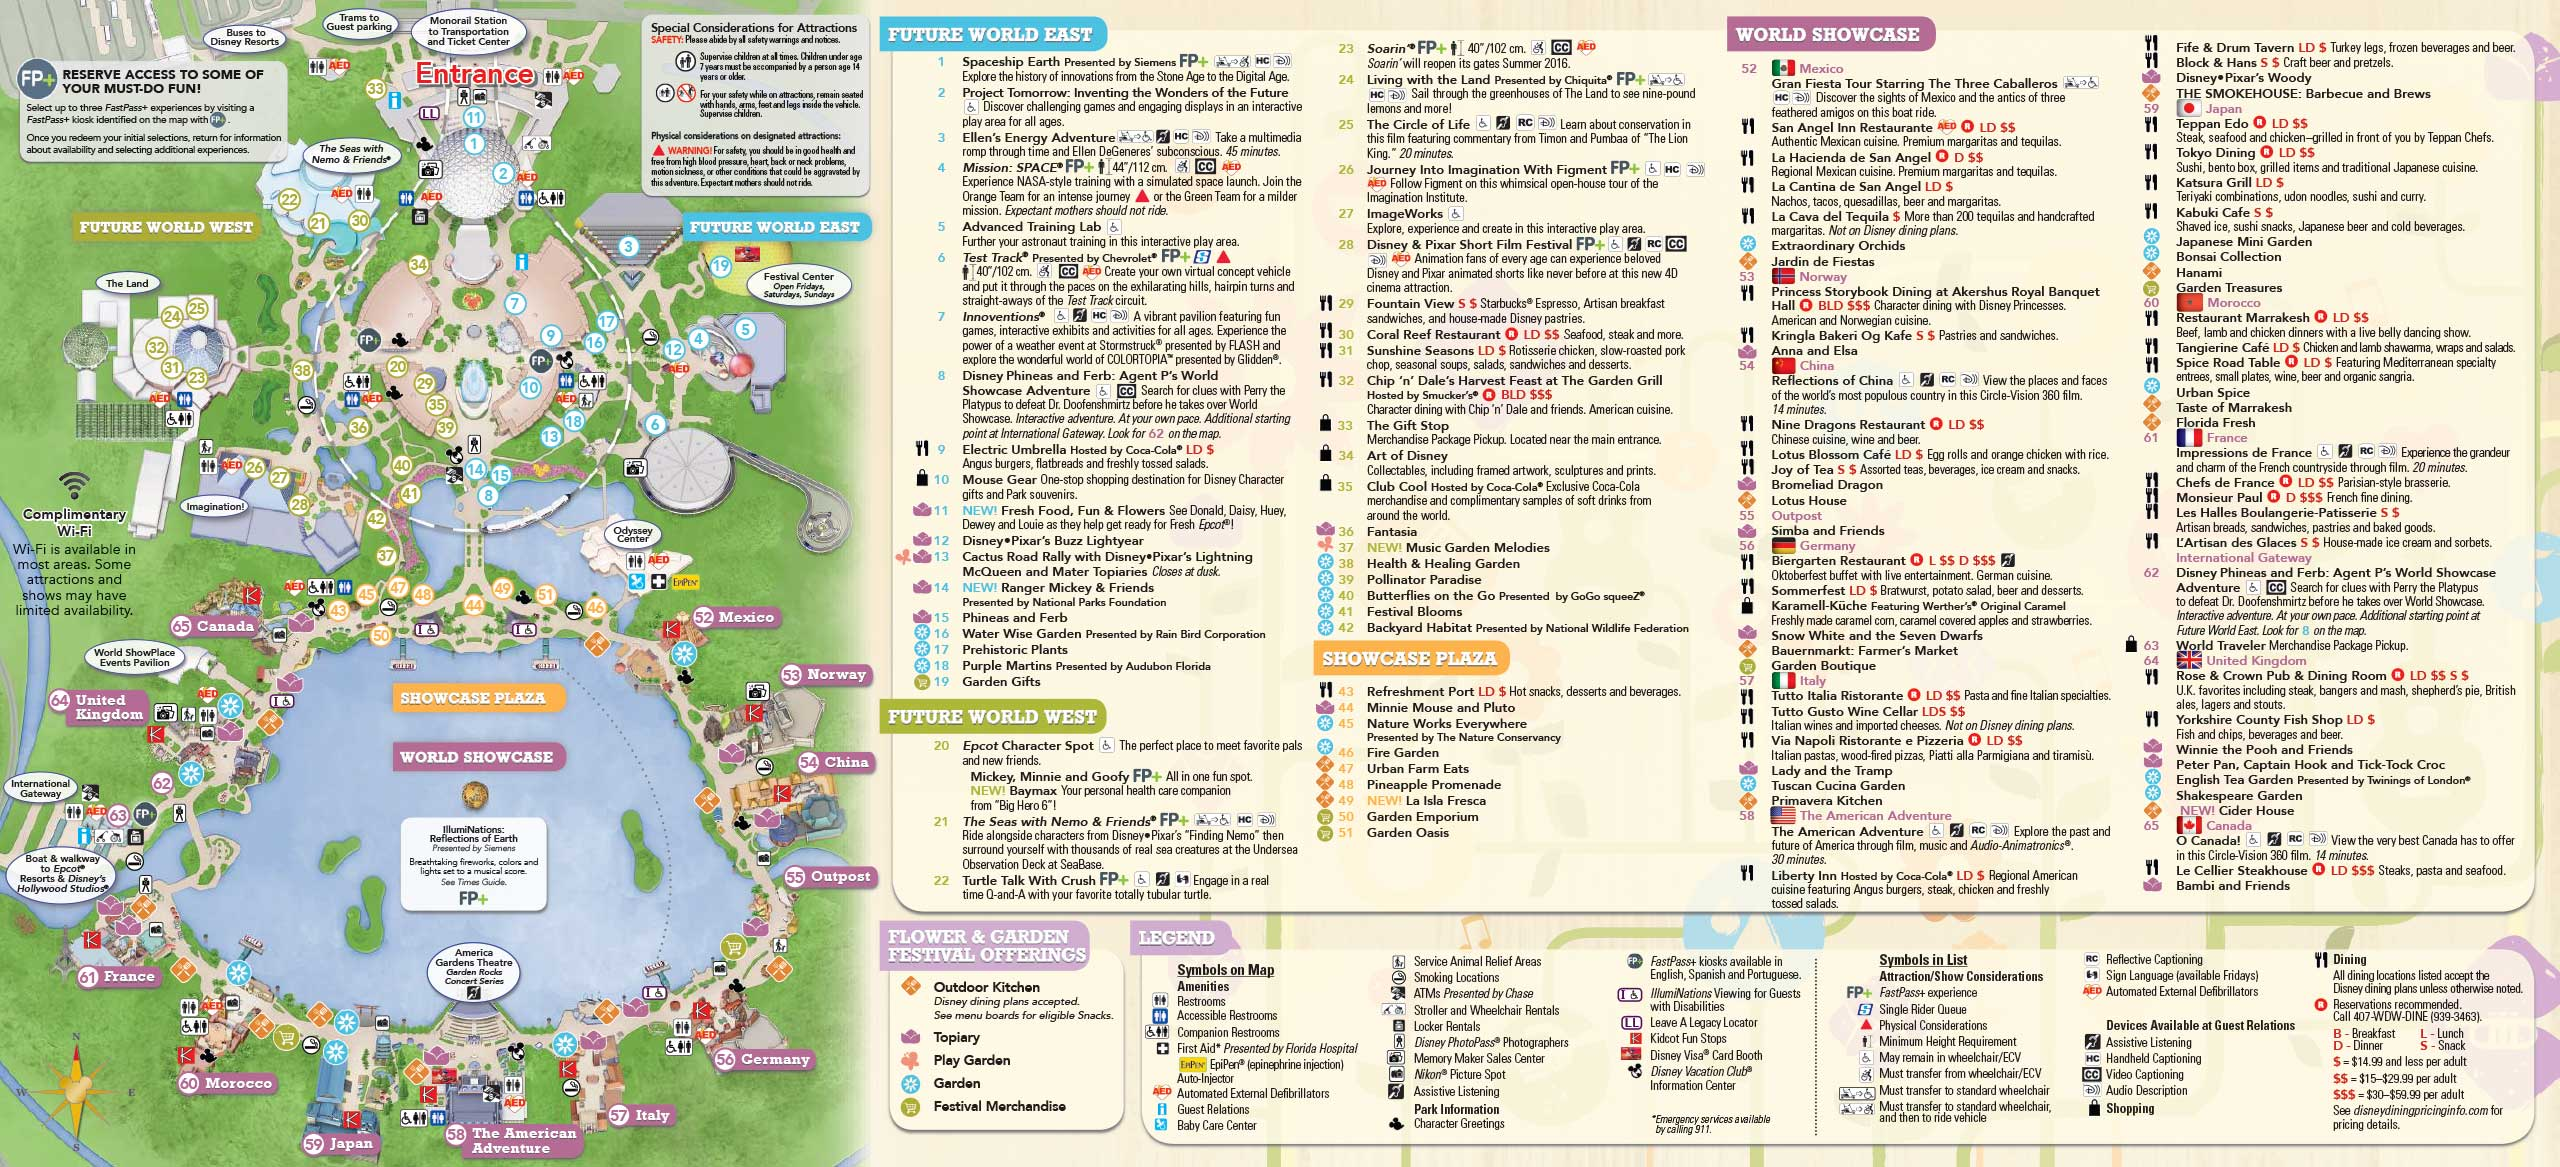 2016 Epcot Flower and Garden Festival Guidemap